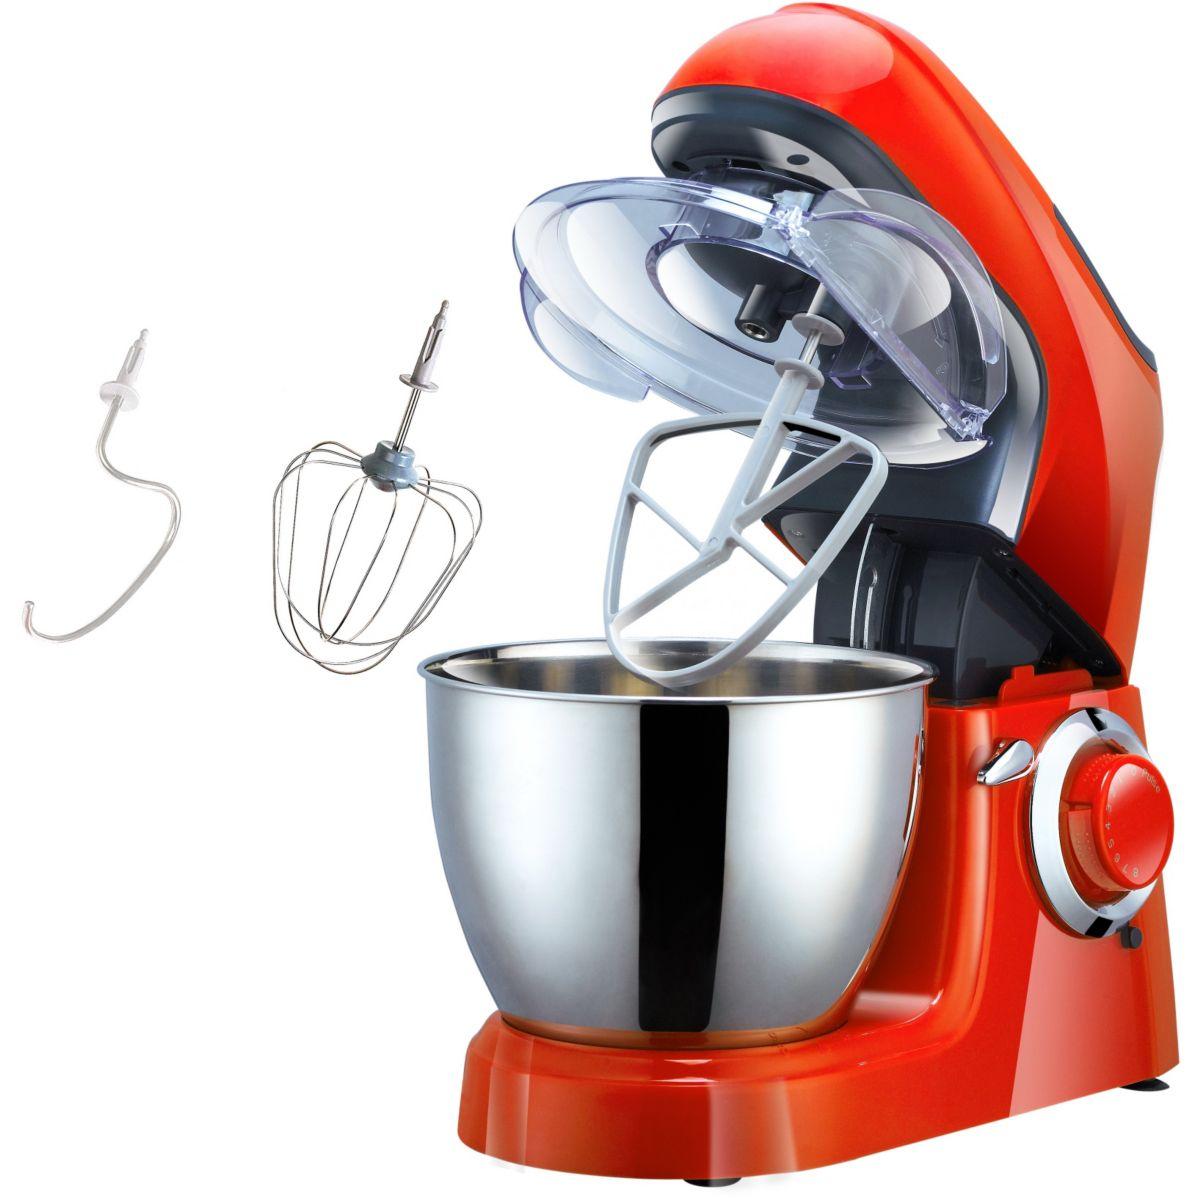 Robots cuisine achat vente de robots pas cher - Robot cuisine multifonctions ...